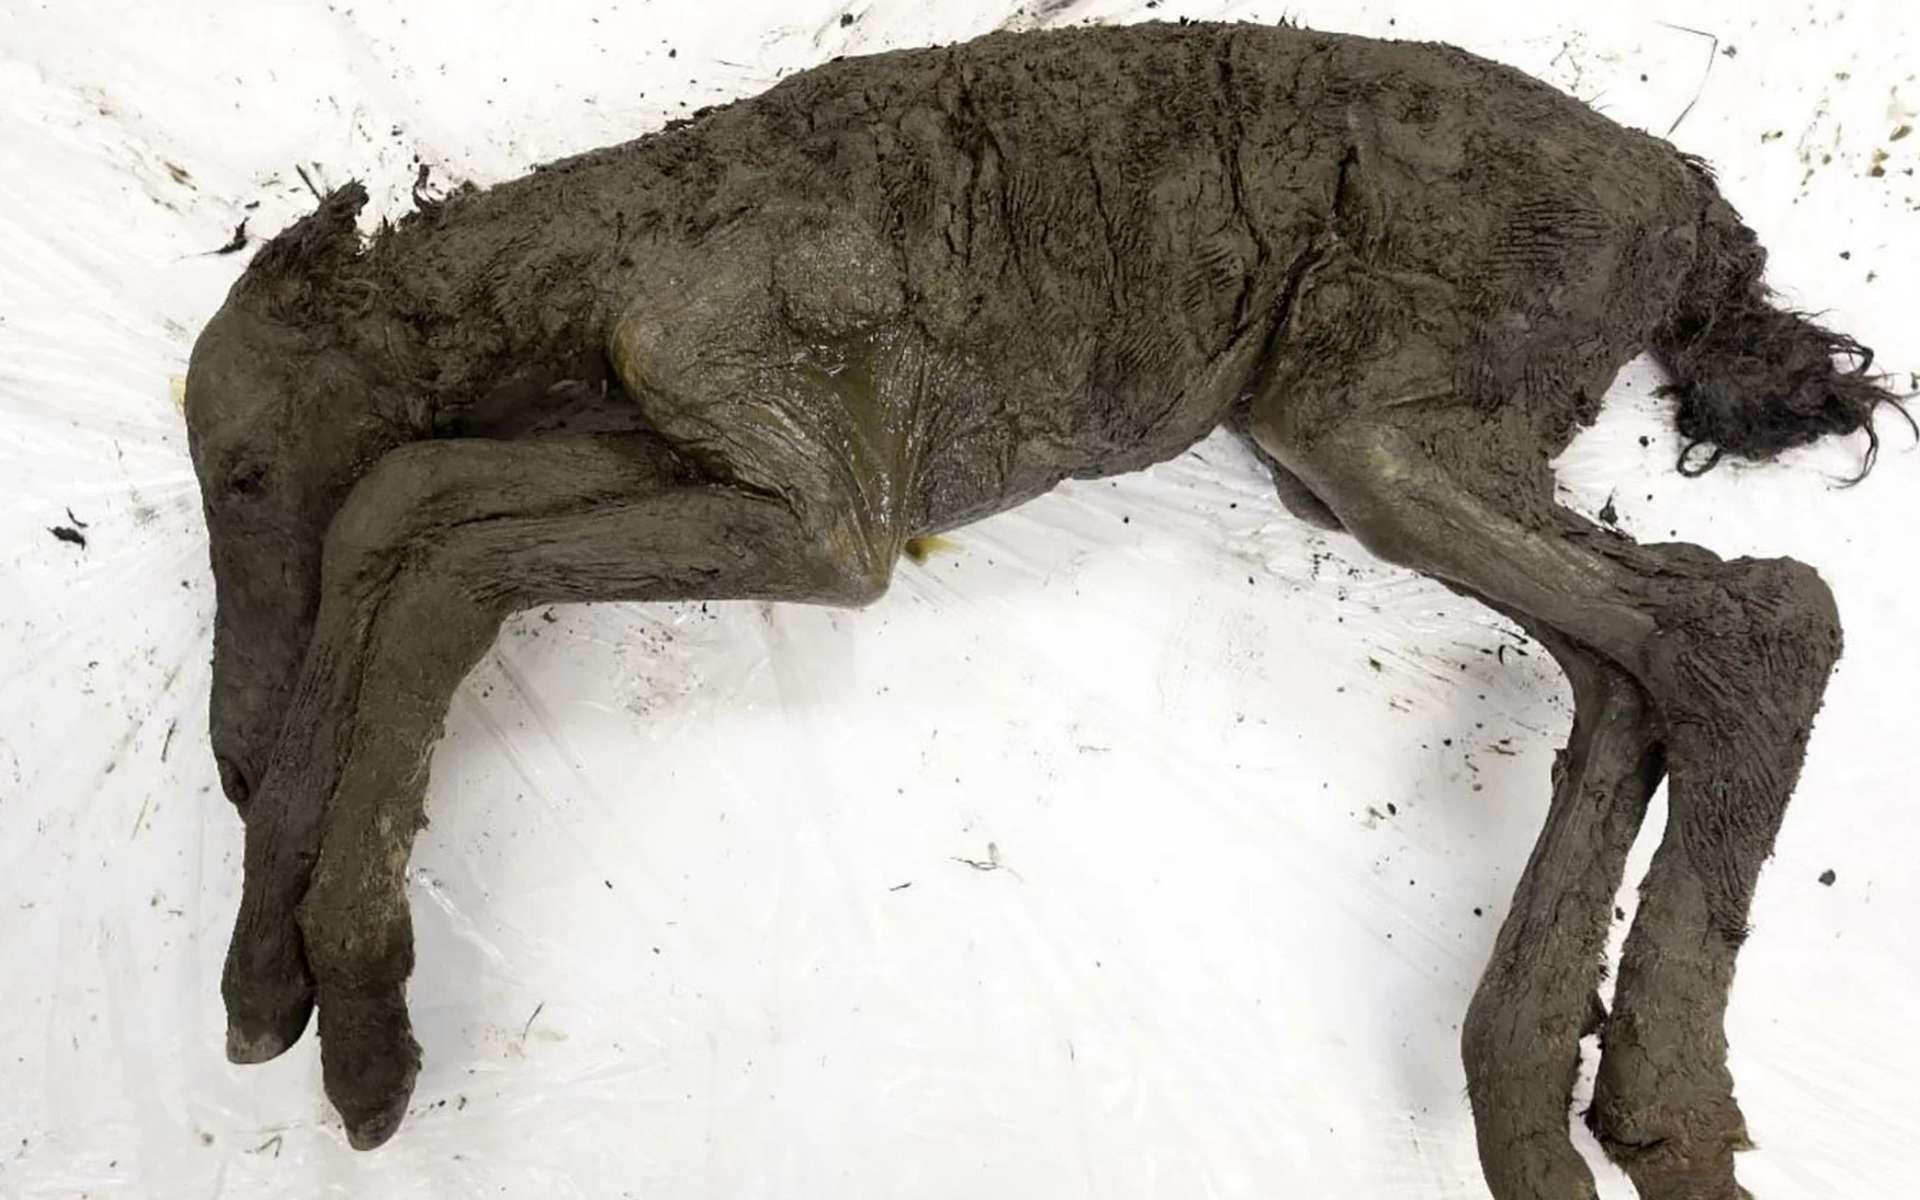 Le poulain préhistorique retrouvé congelé dans le permafrost est dans un état de conservation exceptionnel. © Semyon Grigoryev, Nefu